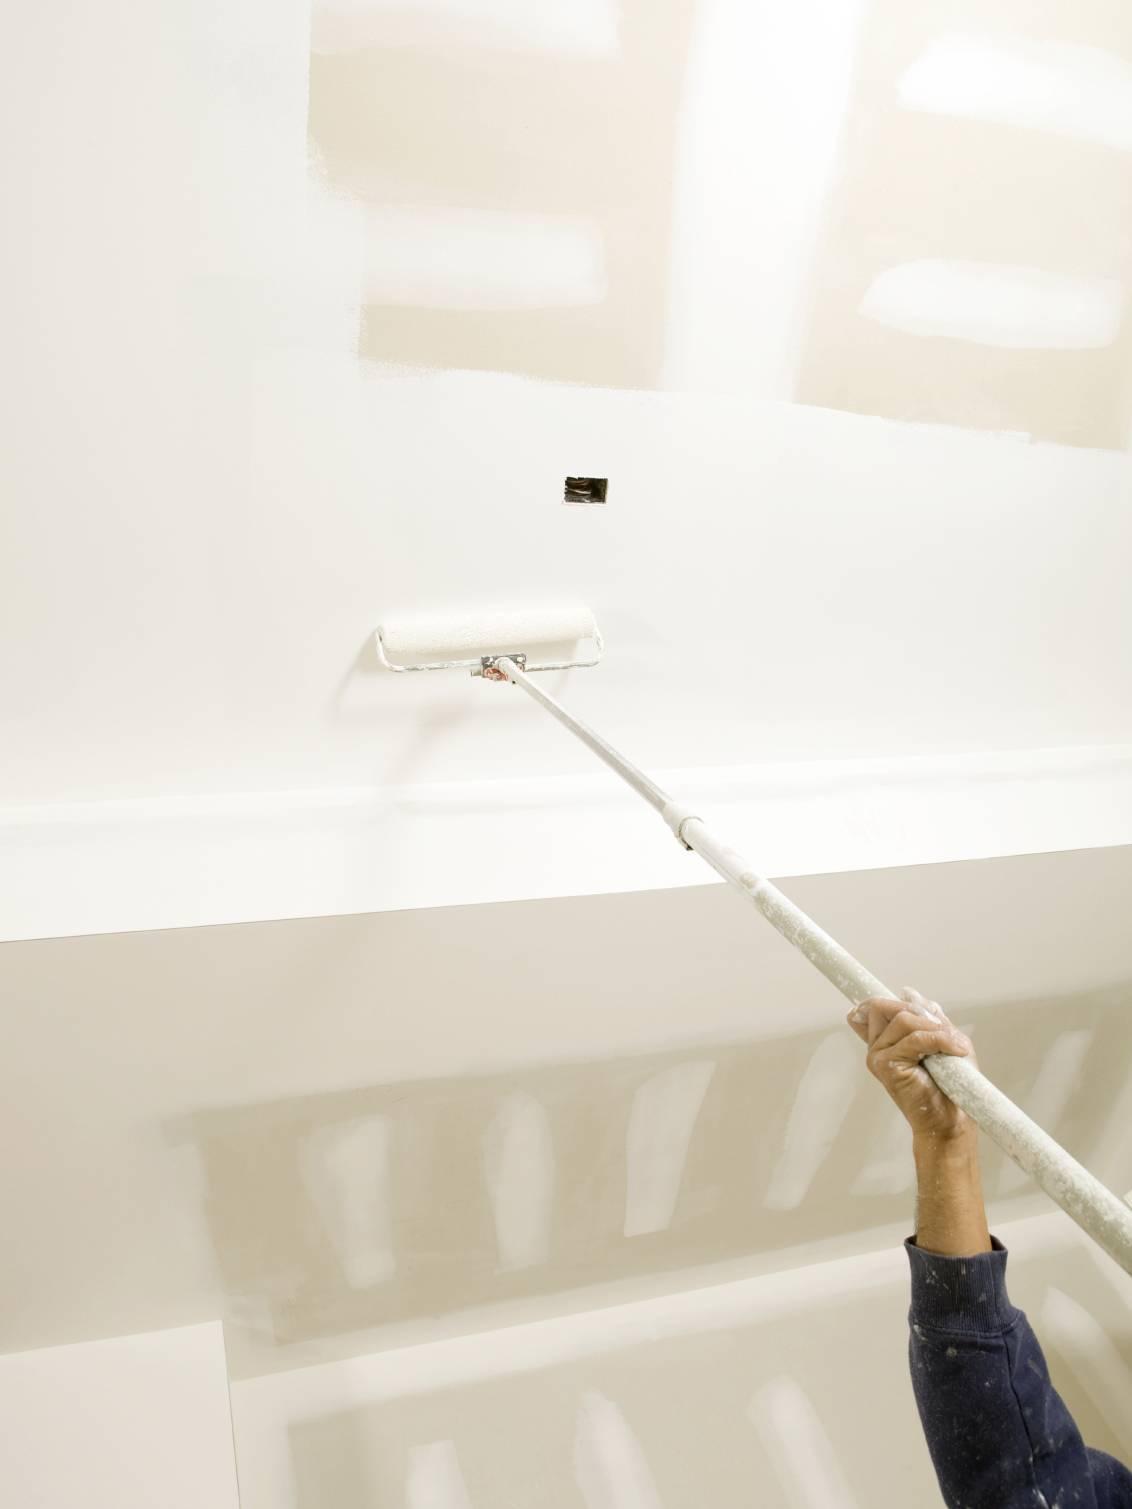 Как красить потолок водоэмульсионной краской валиком на гипсокартон